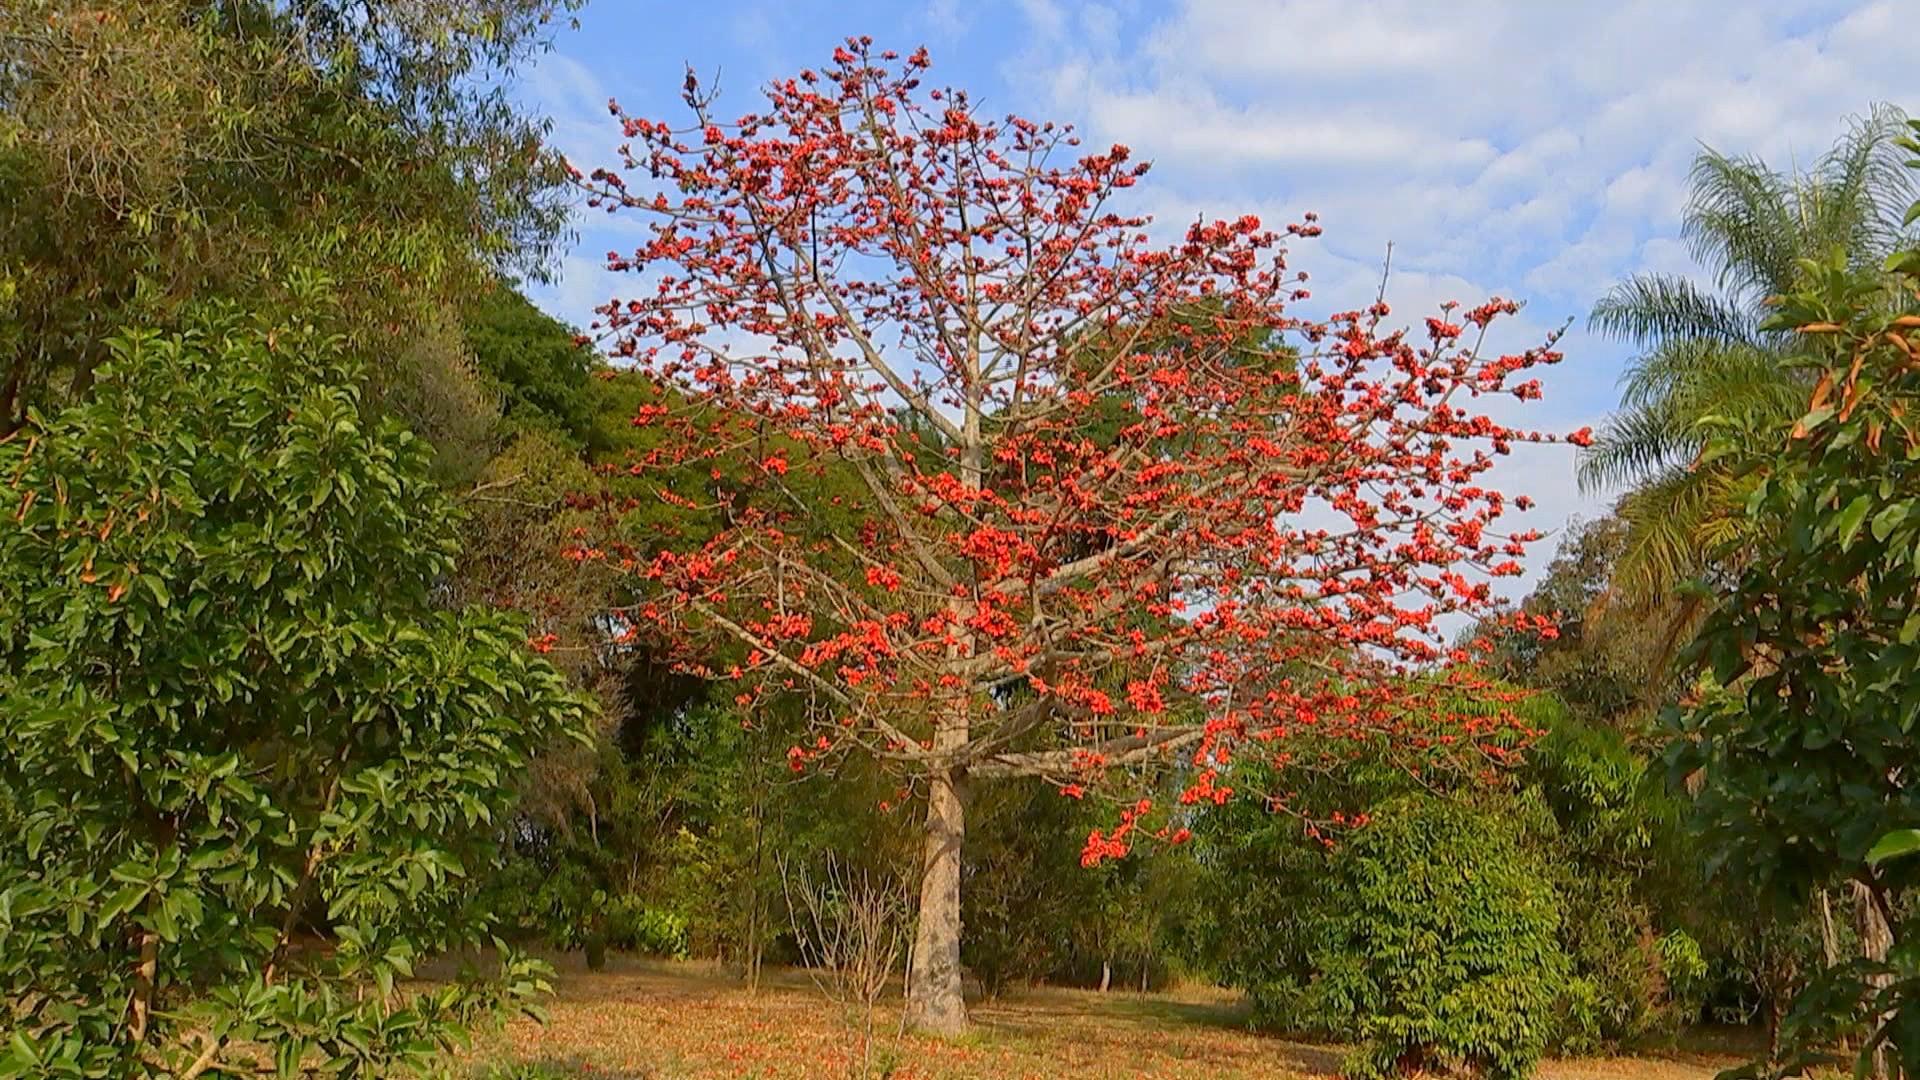 Escolher as árvores certas pode deixar propriedade rural muito mais atraente